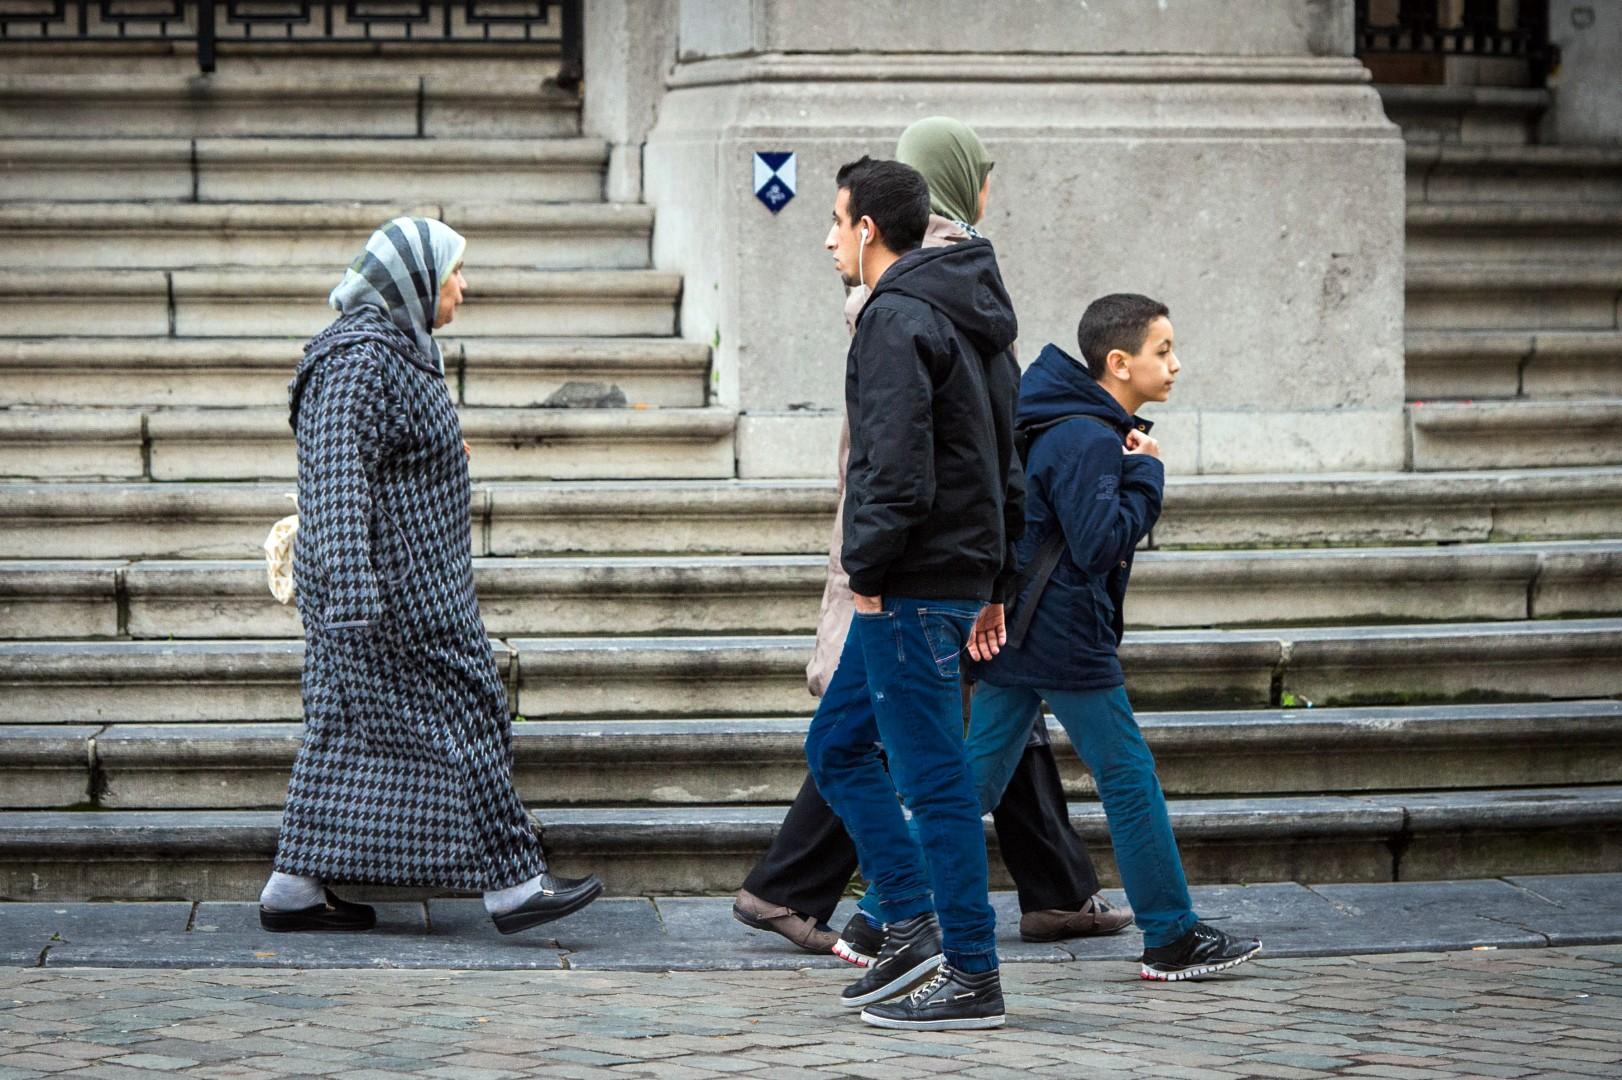 80 odstotkov prebivalcev Molenbeeka sestavljajo Maročani.